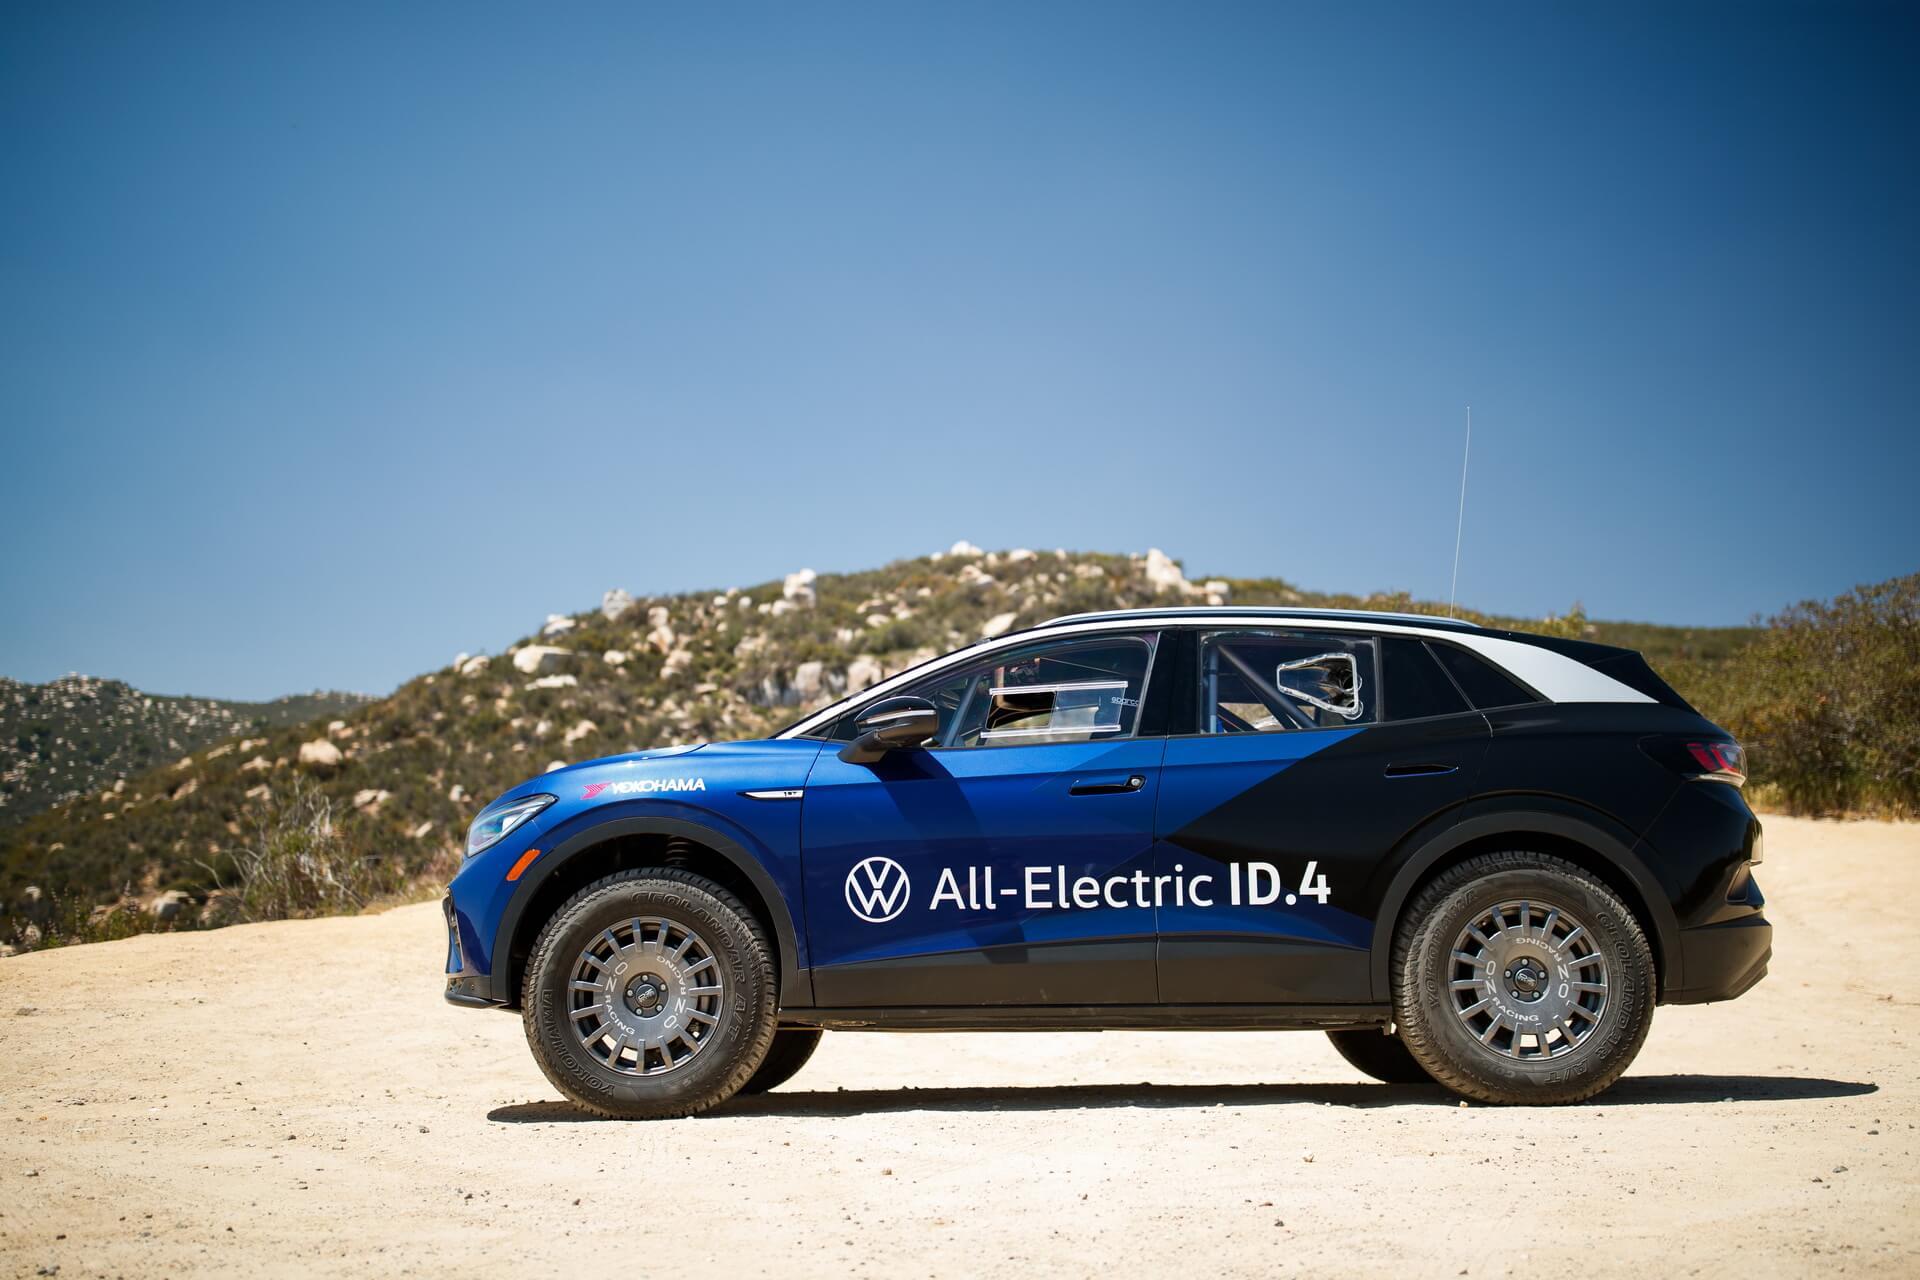 Volkswagen протестировал свой электрический кроссовер ID.4 на раллийной гонке Mexican 1000